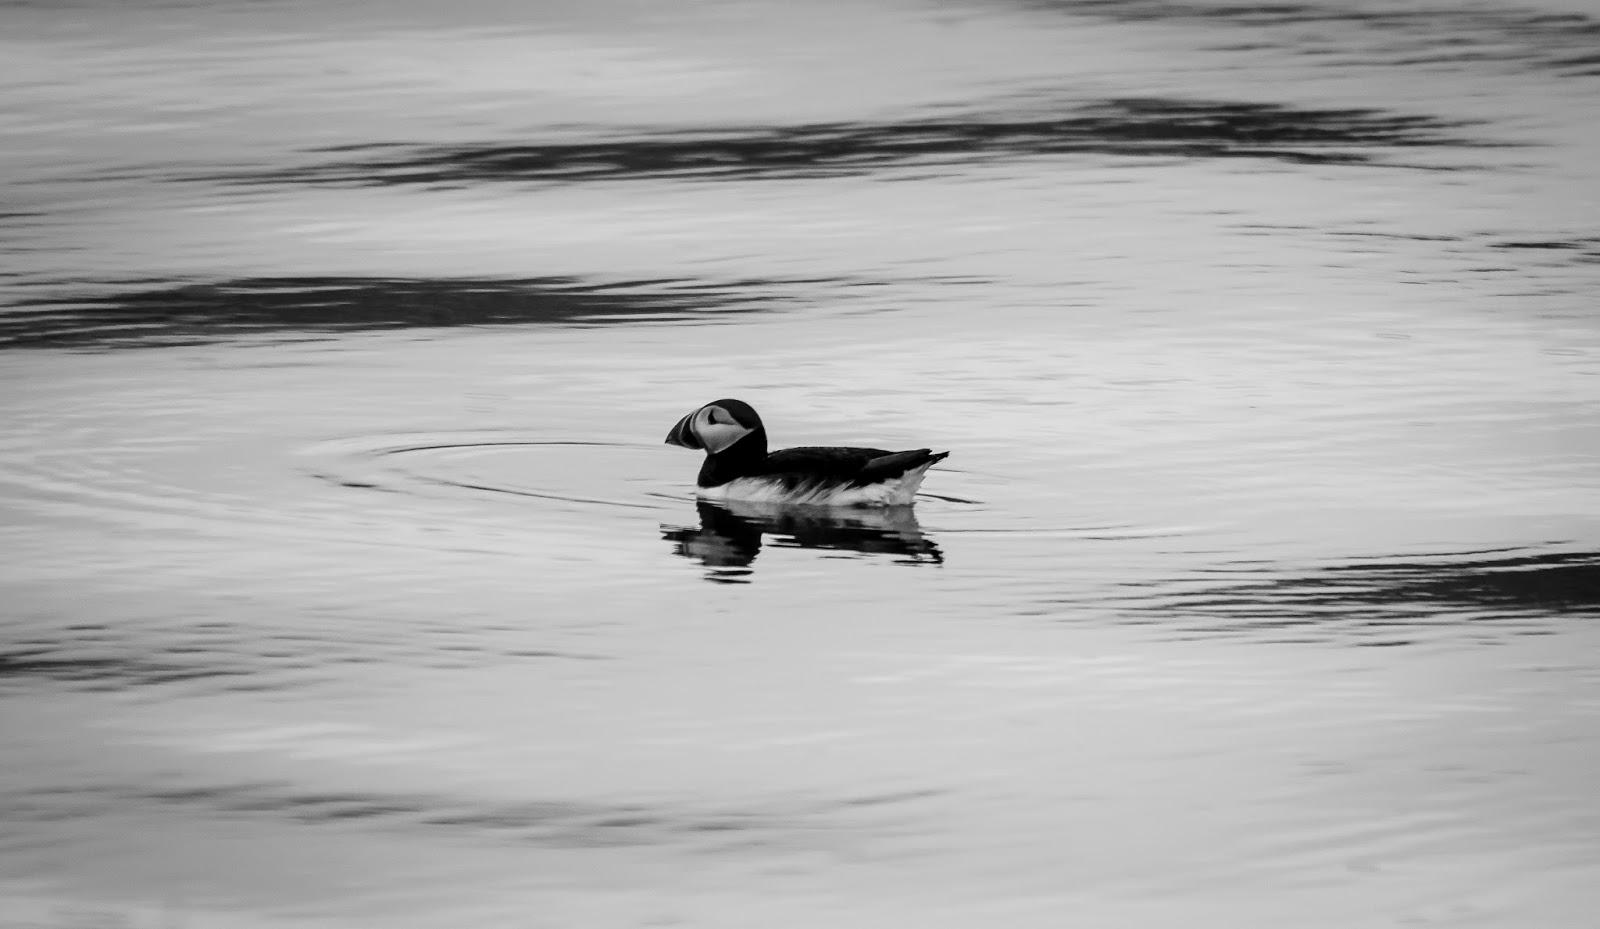 oiseau svalbard spitzberg